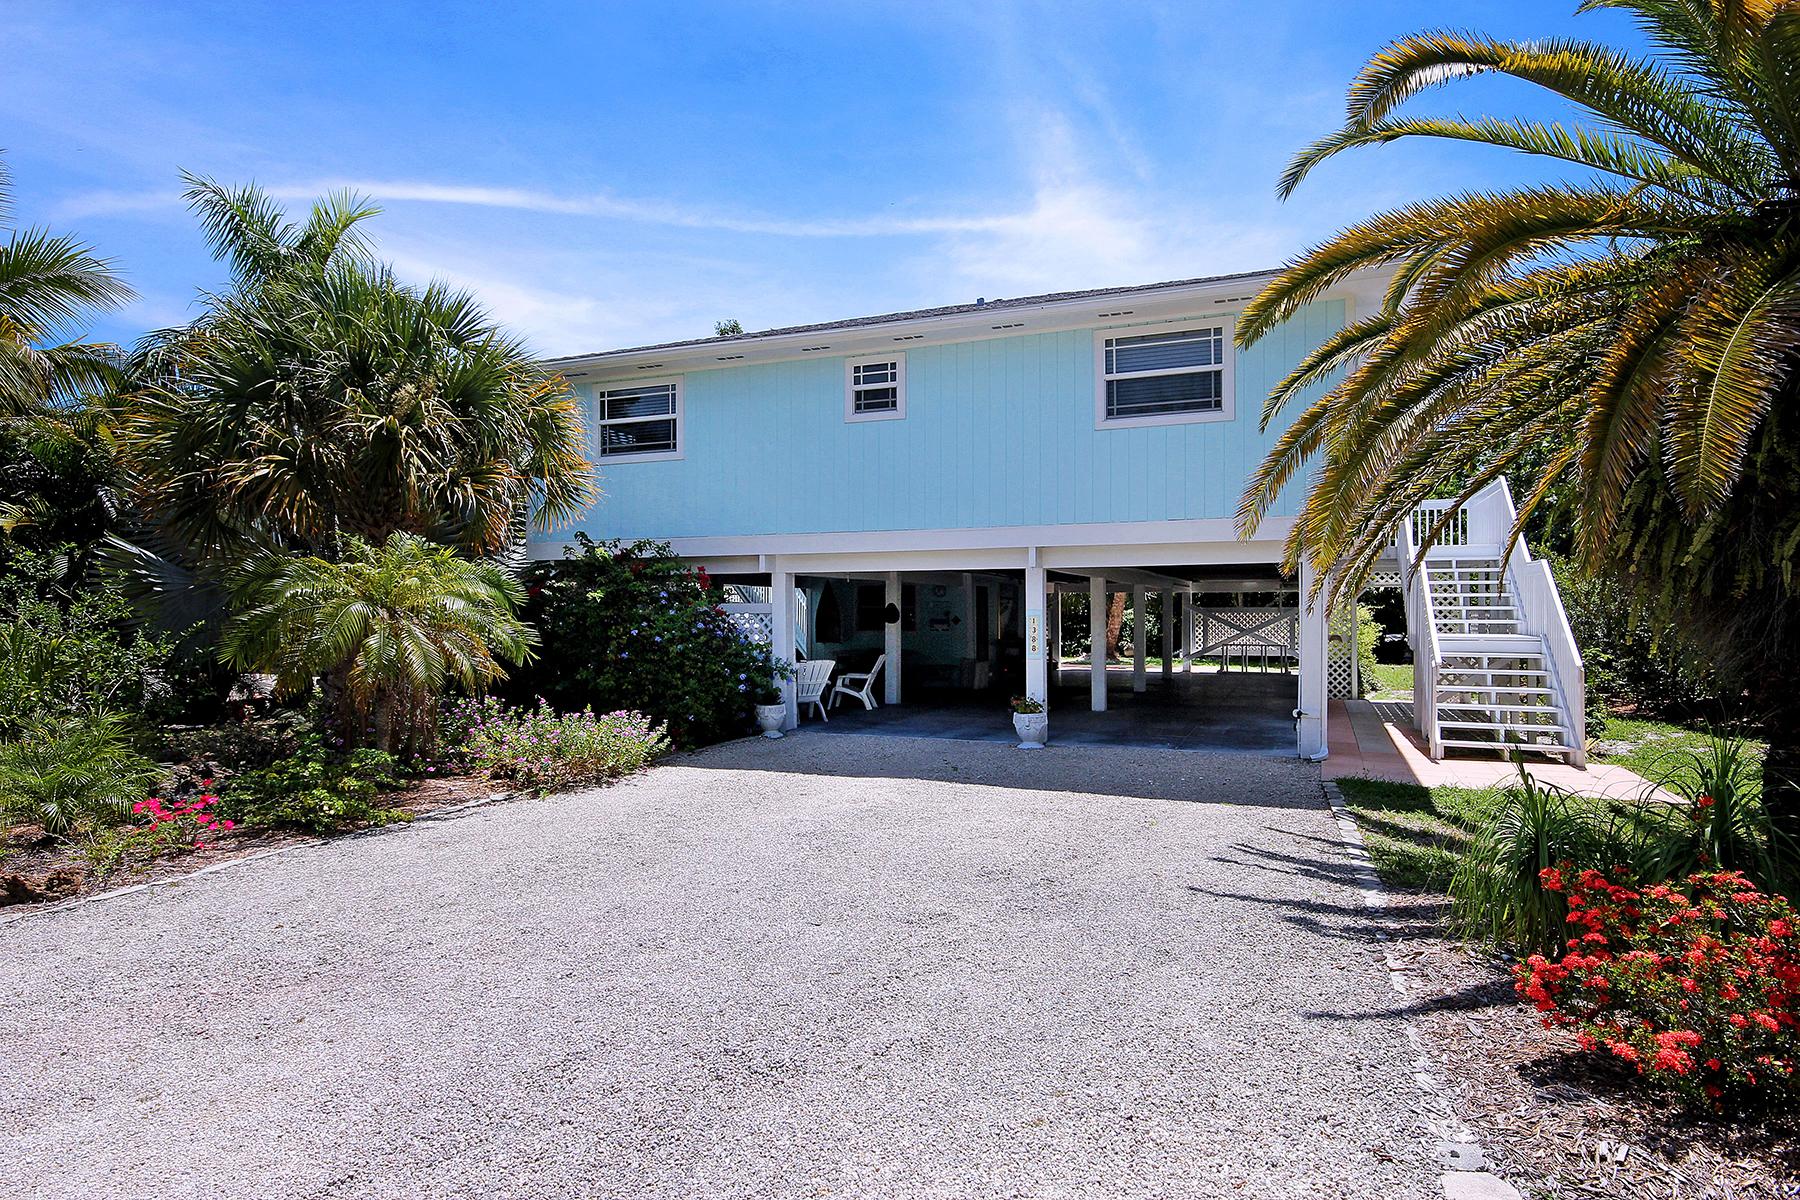 Maison unifamiliale pour l Vente à 1388 Tahiti Dr , Sanibel, FL 33957 1388 Tahiti Dr, Sanibel, Florida 33957 États-Unis